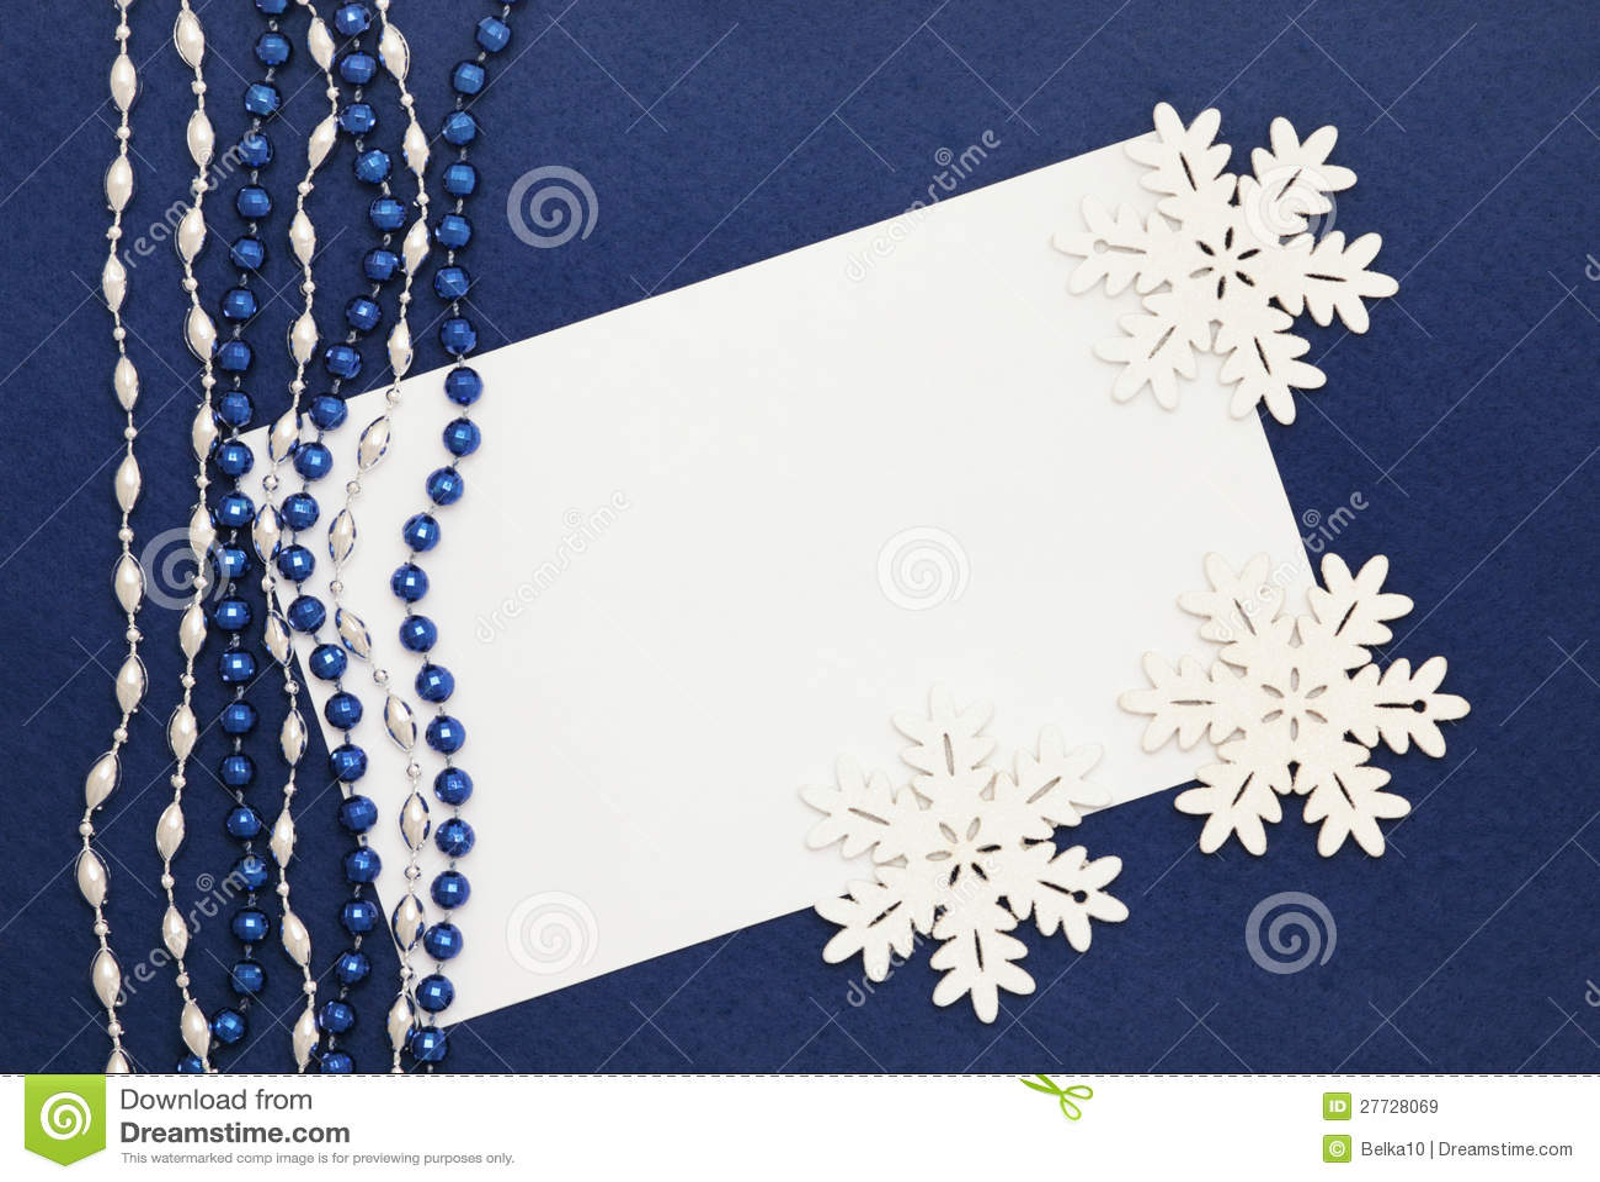 Leerzeichen, Korne und Schneeflocken auf dunkelblauem